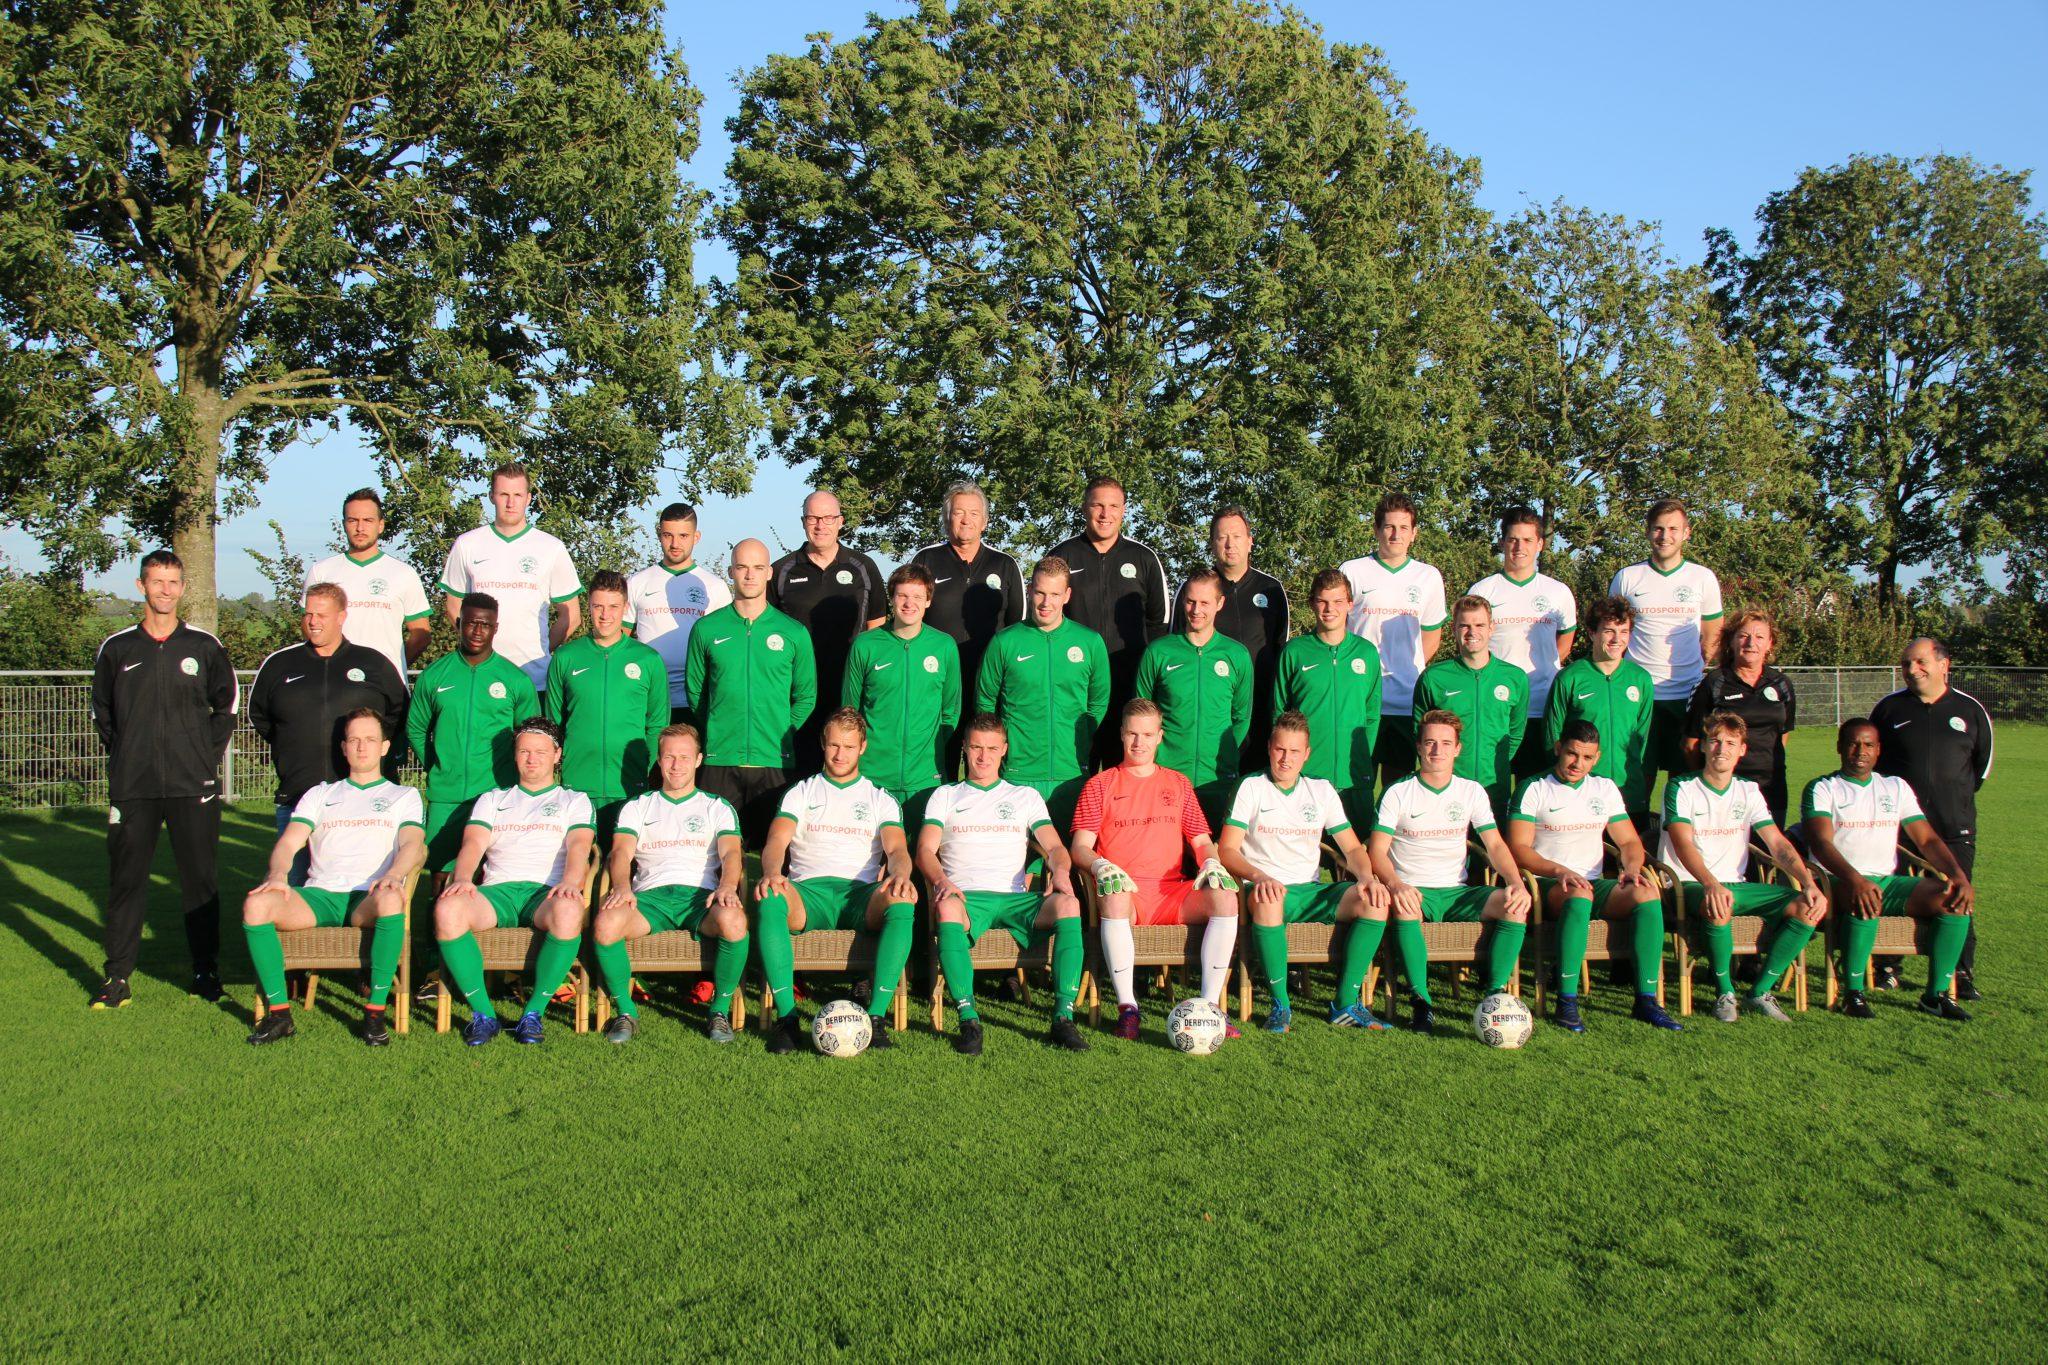 Selectie SV Aarlanderveen 2019/2020